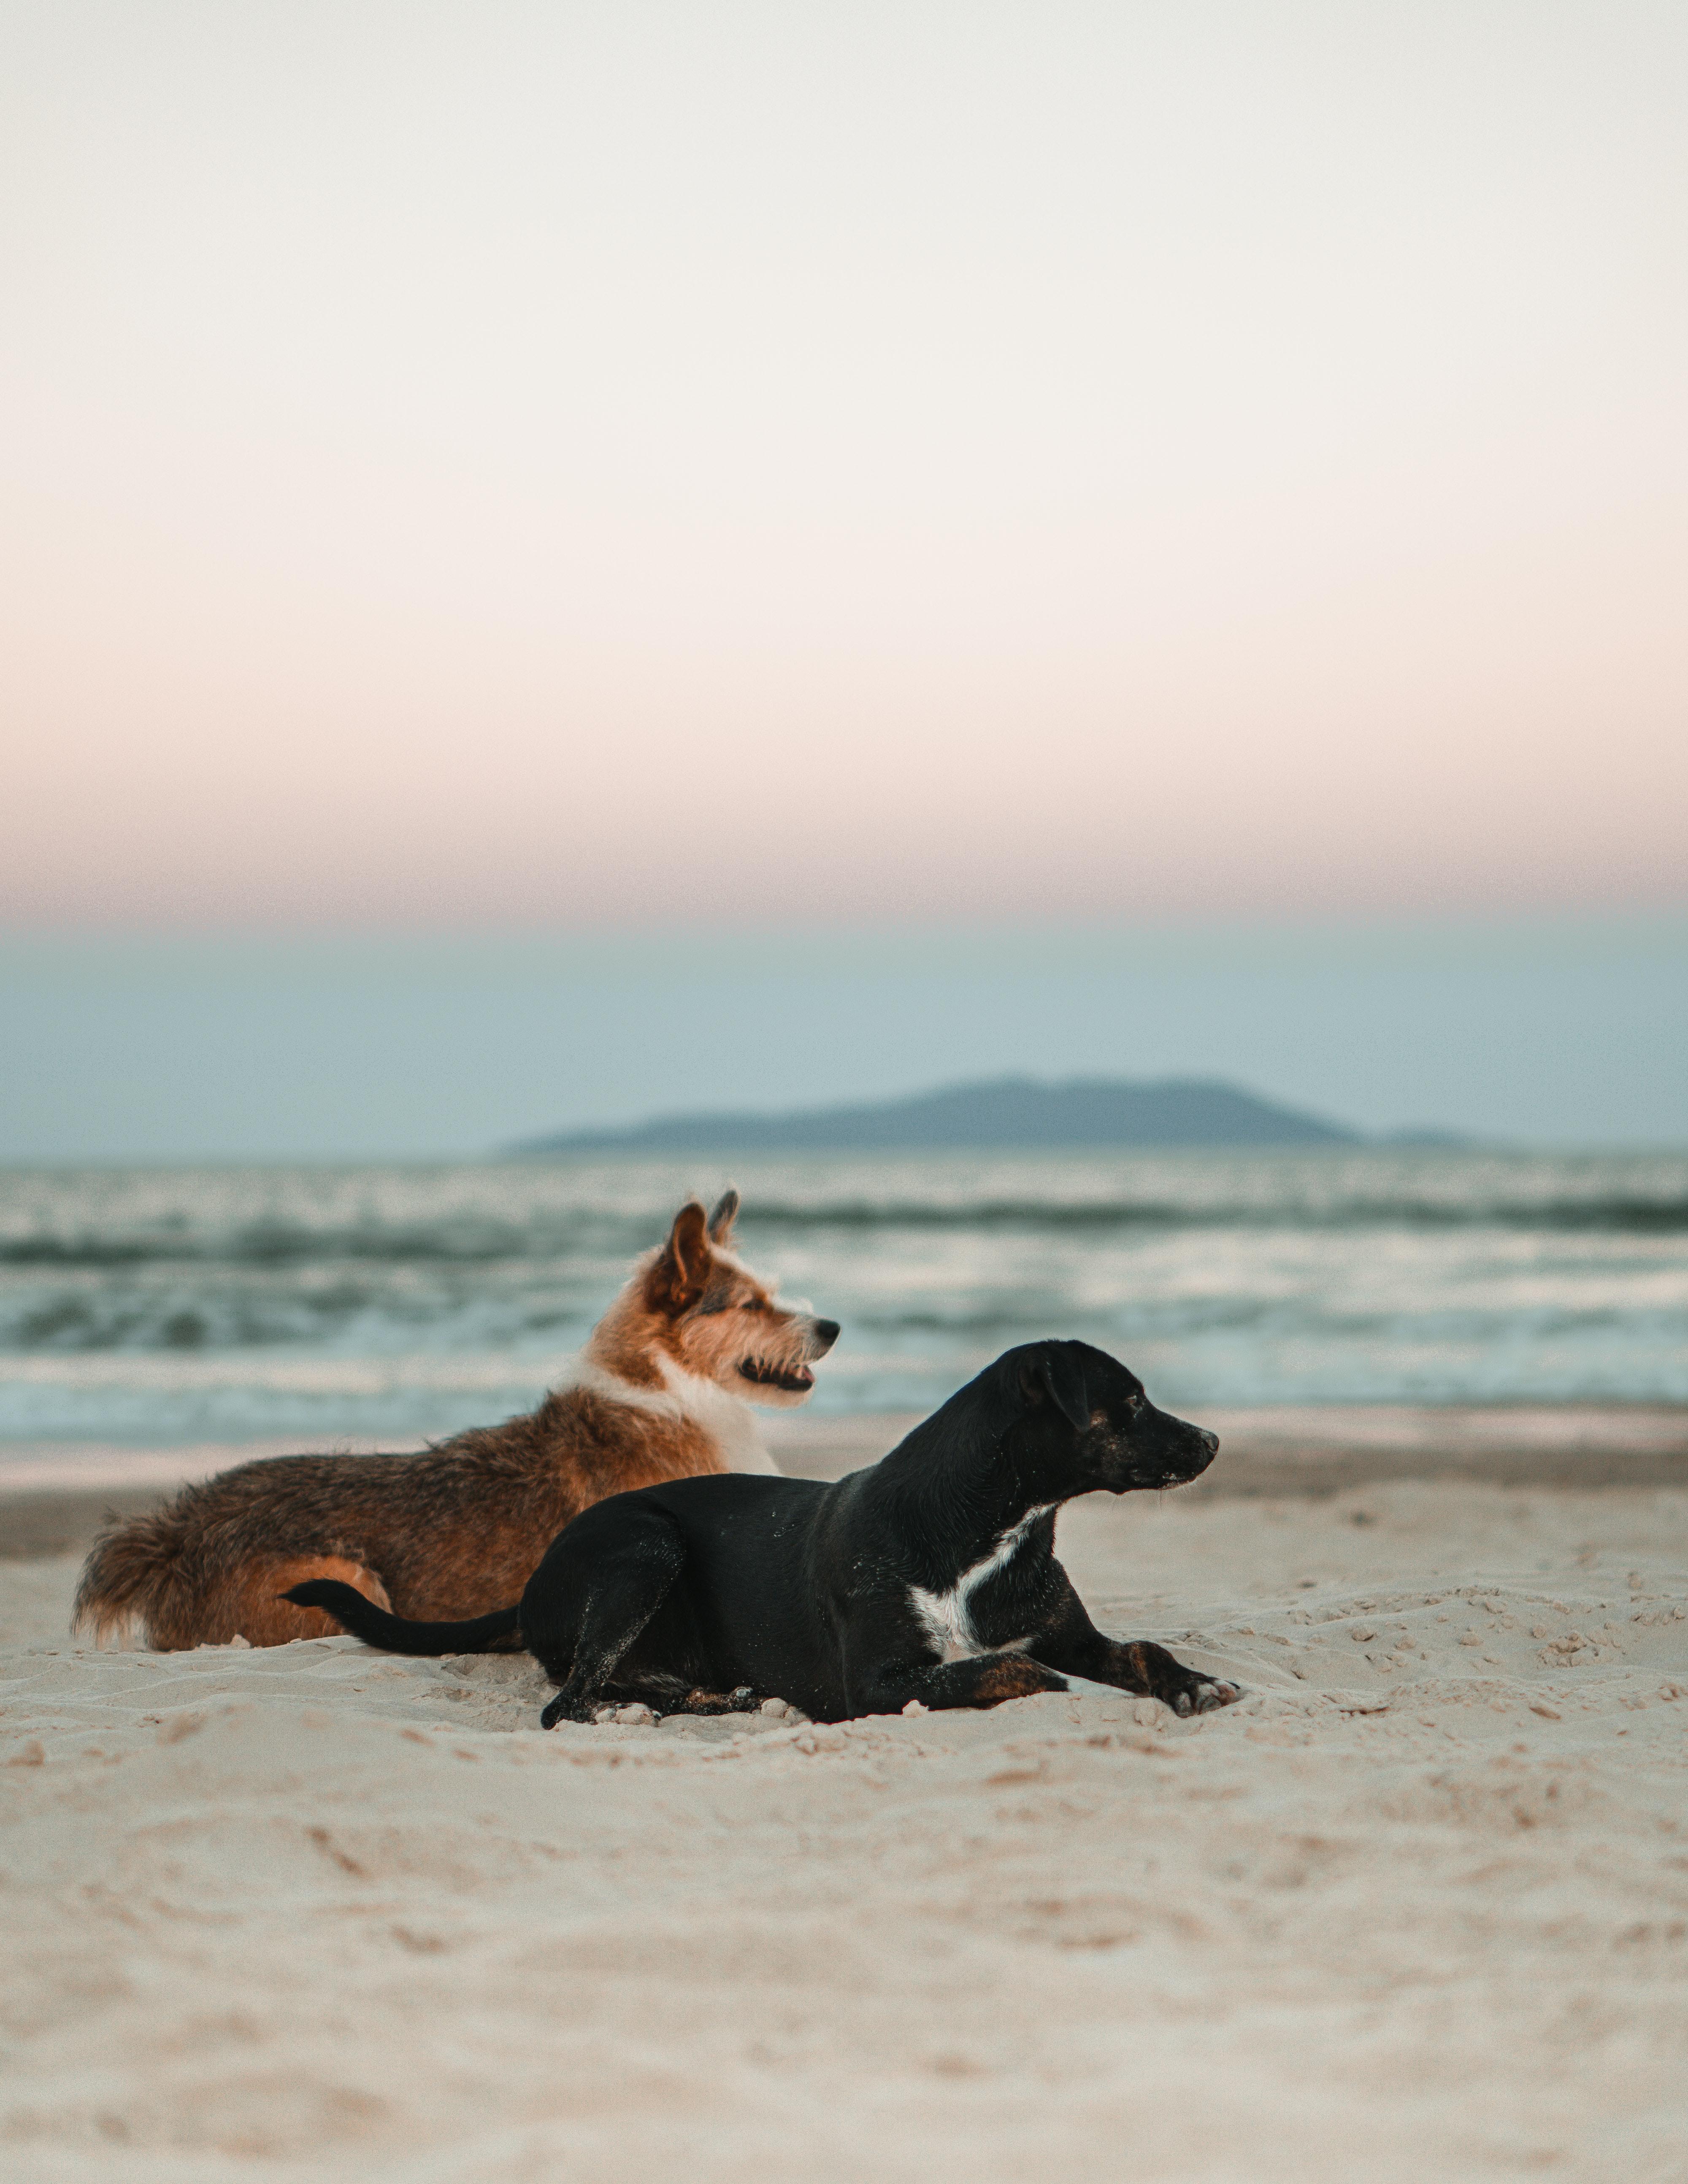 74621 descargar fondo de pantalla Animales, Perros, Mascotas, Playa: protectores de pantalla e imágenes gratis